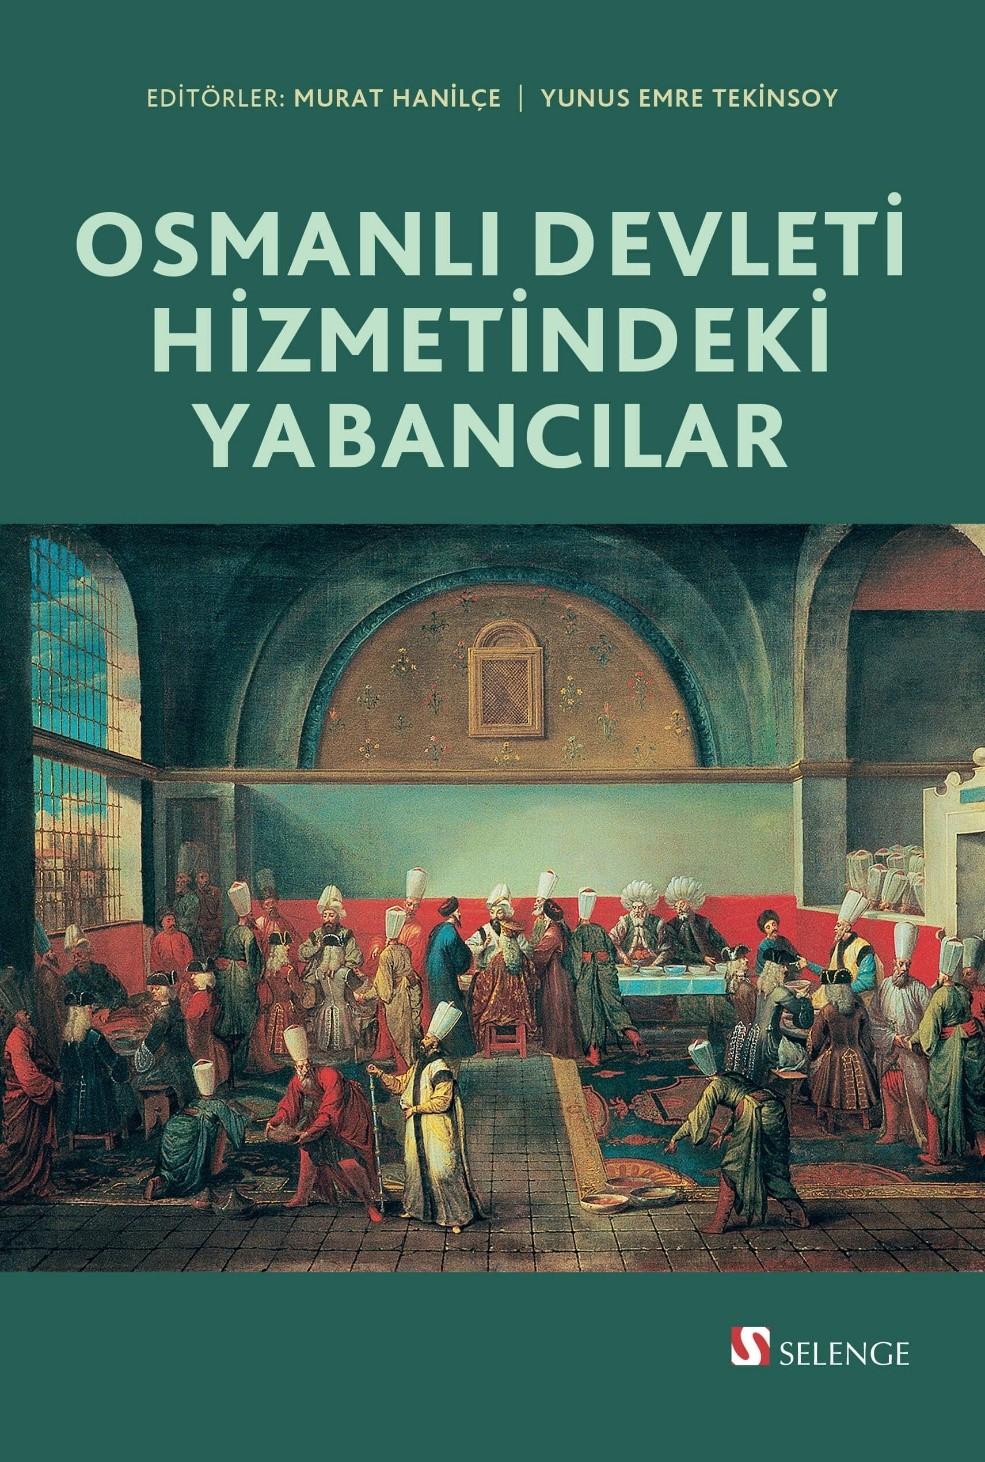 Osmanlı Devleti Hizmetindeki Yabancılar